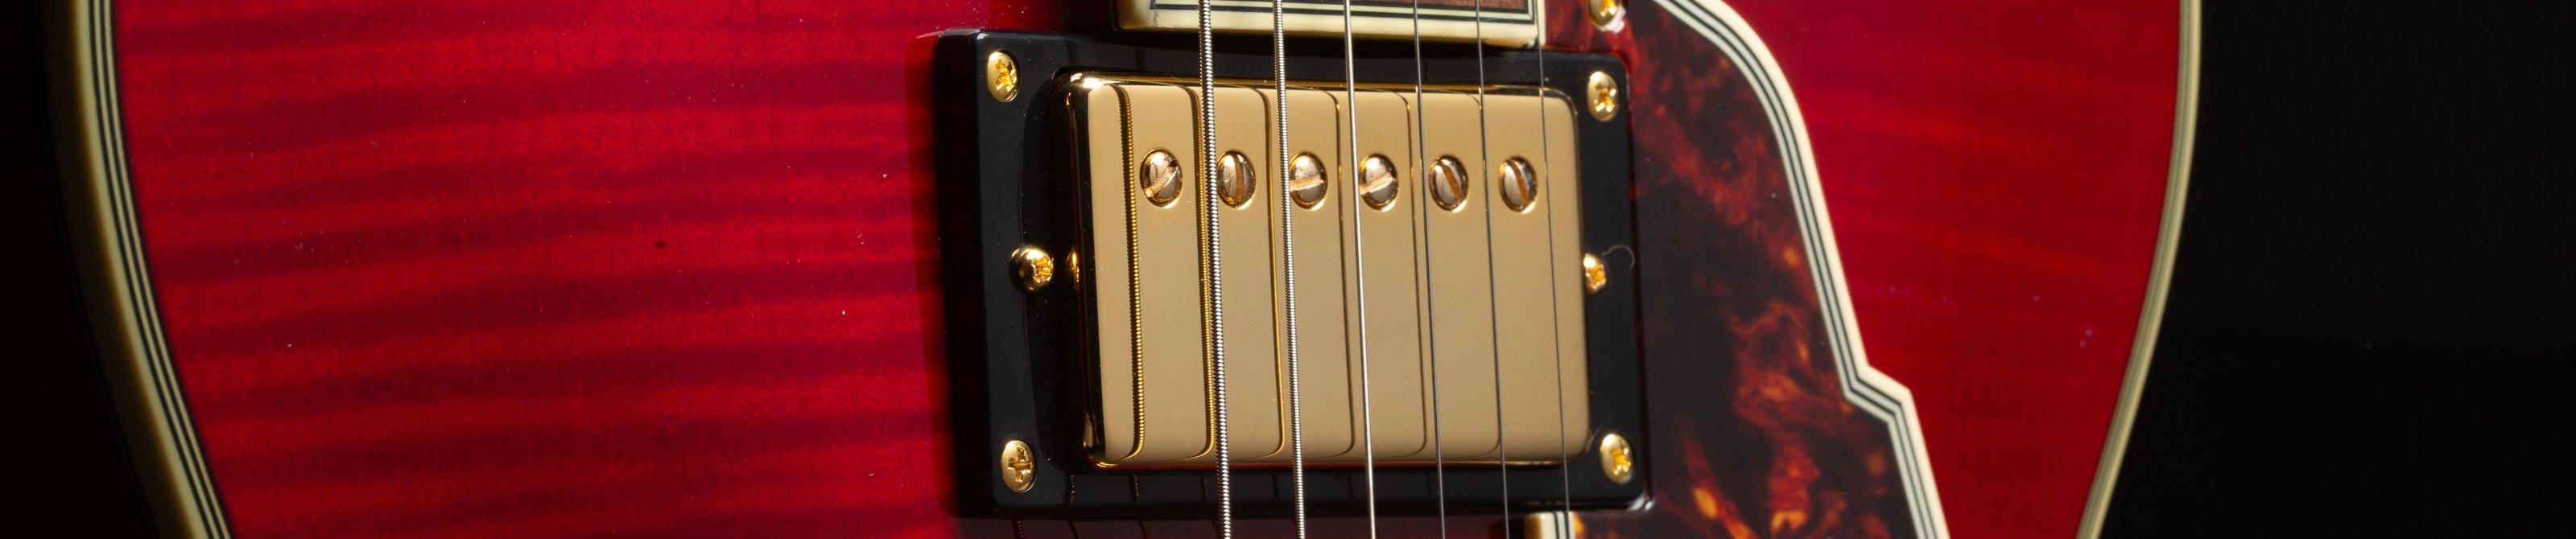 Jazz Humbucker Pickup 11601 09 Gc Banner